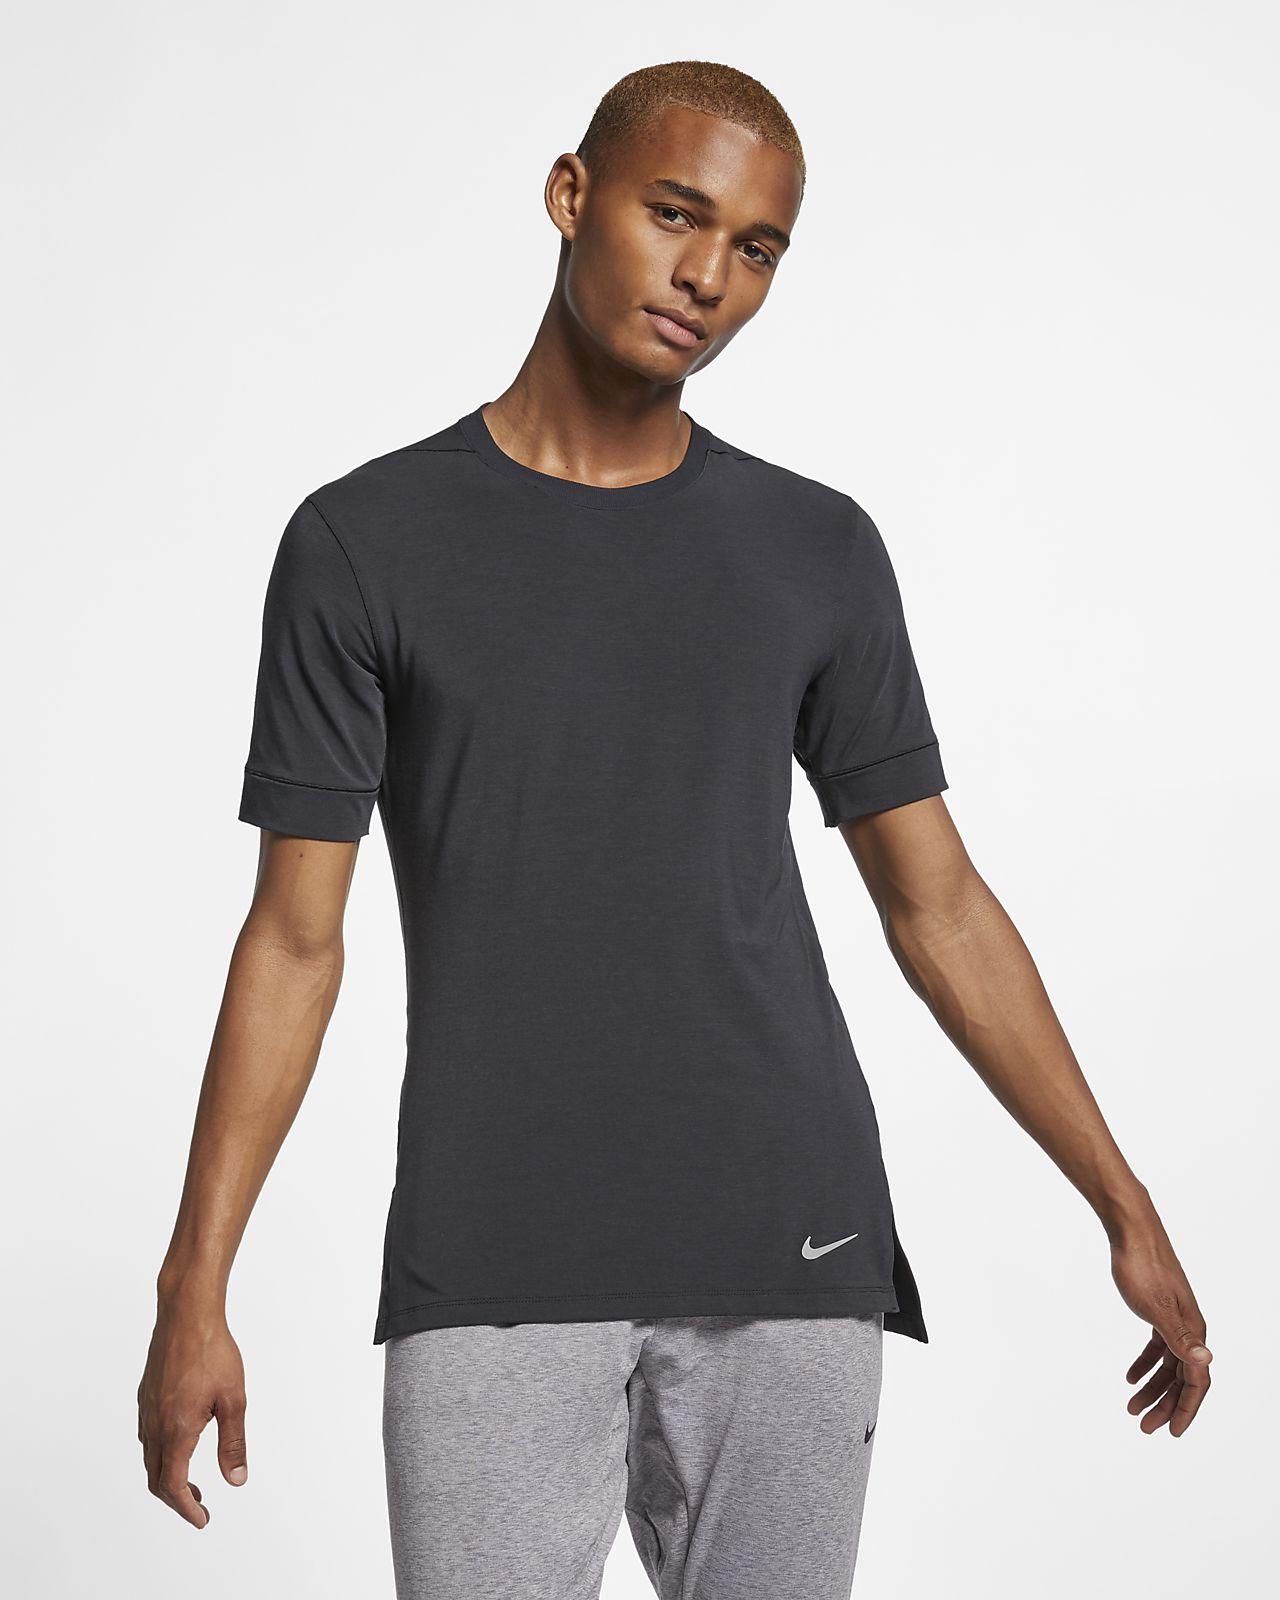 Ανδρική κοντομάνικη μπλούζα προπόνησης γιόγκα Nike Dri-FIT